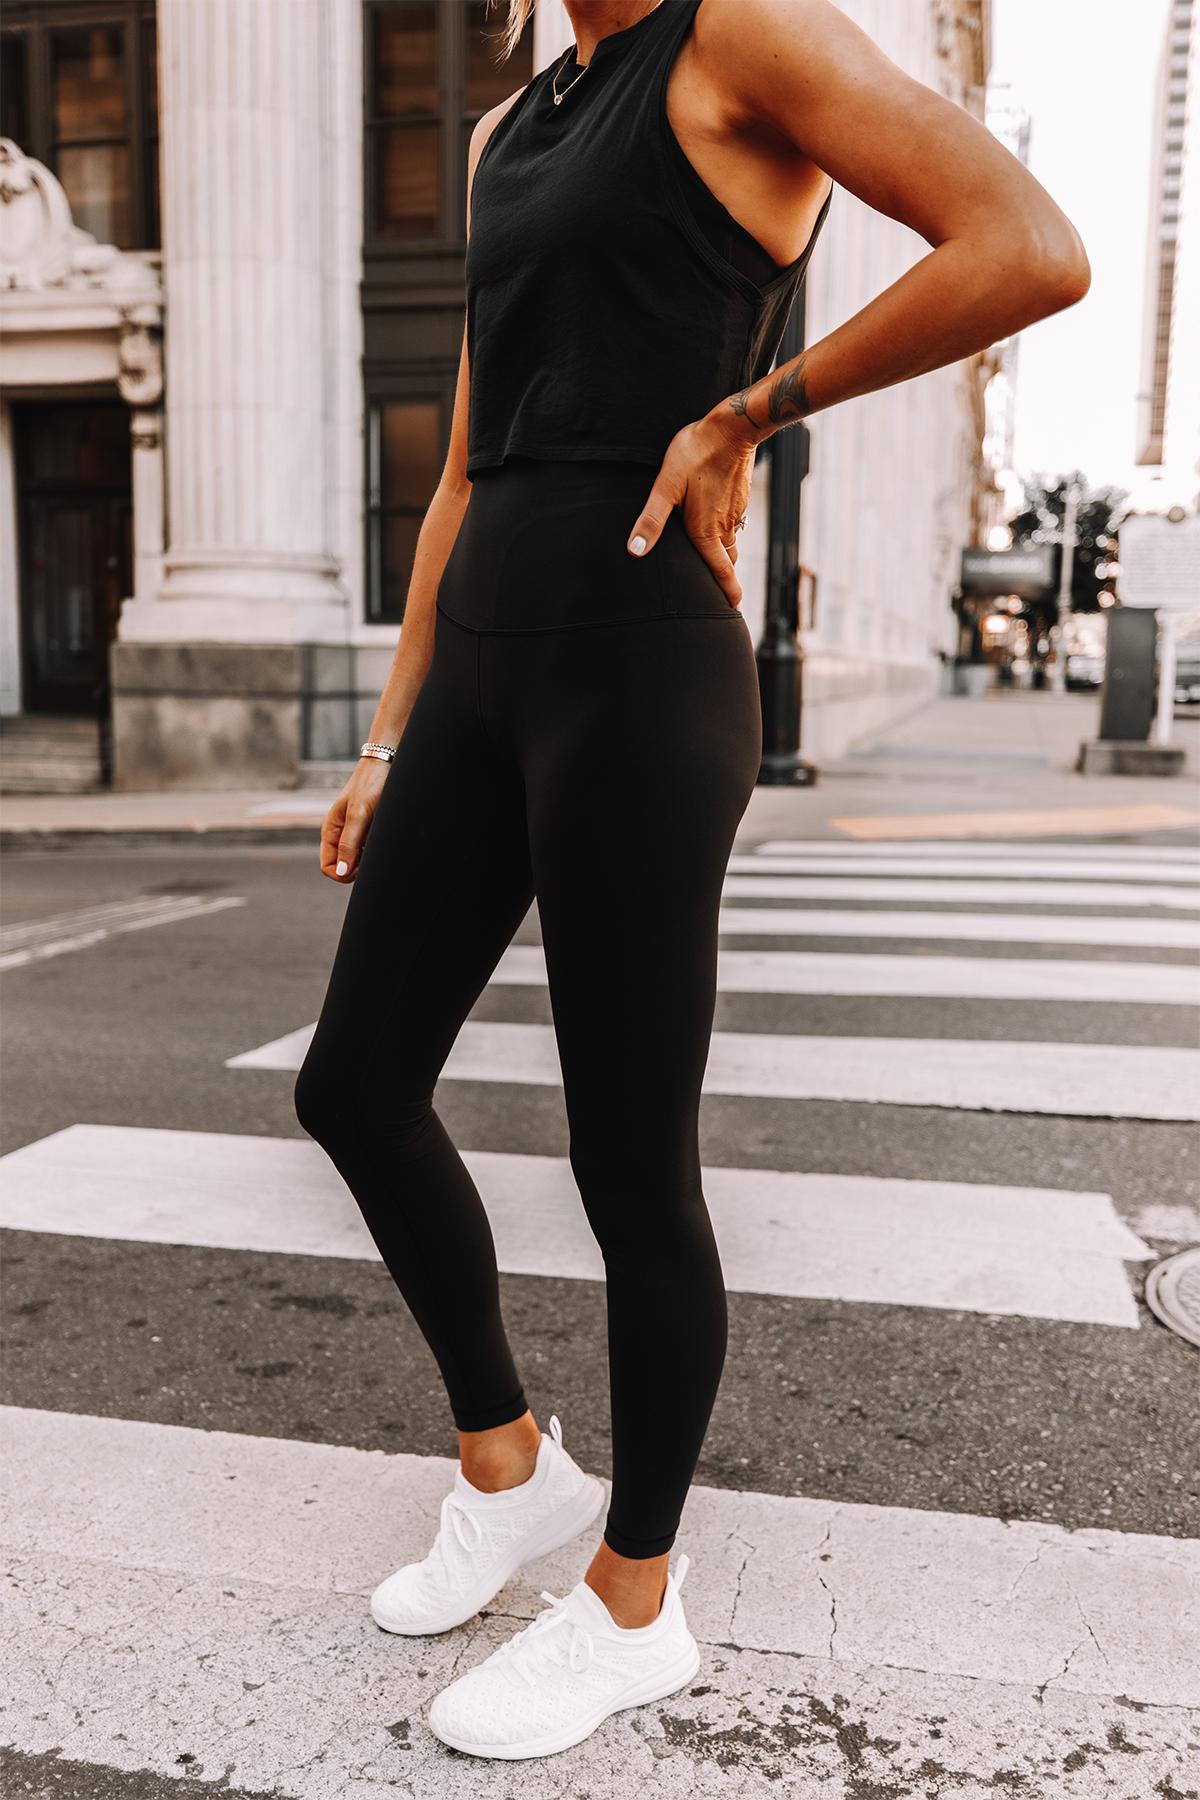 Fashion Jackson Wearing lululemon Black Tank Black Leggings White Sneakers